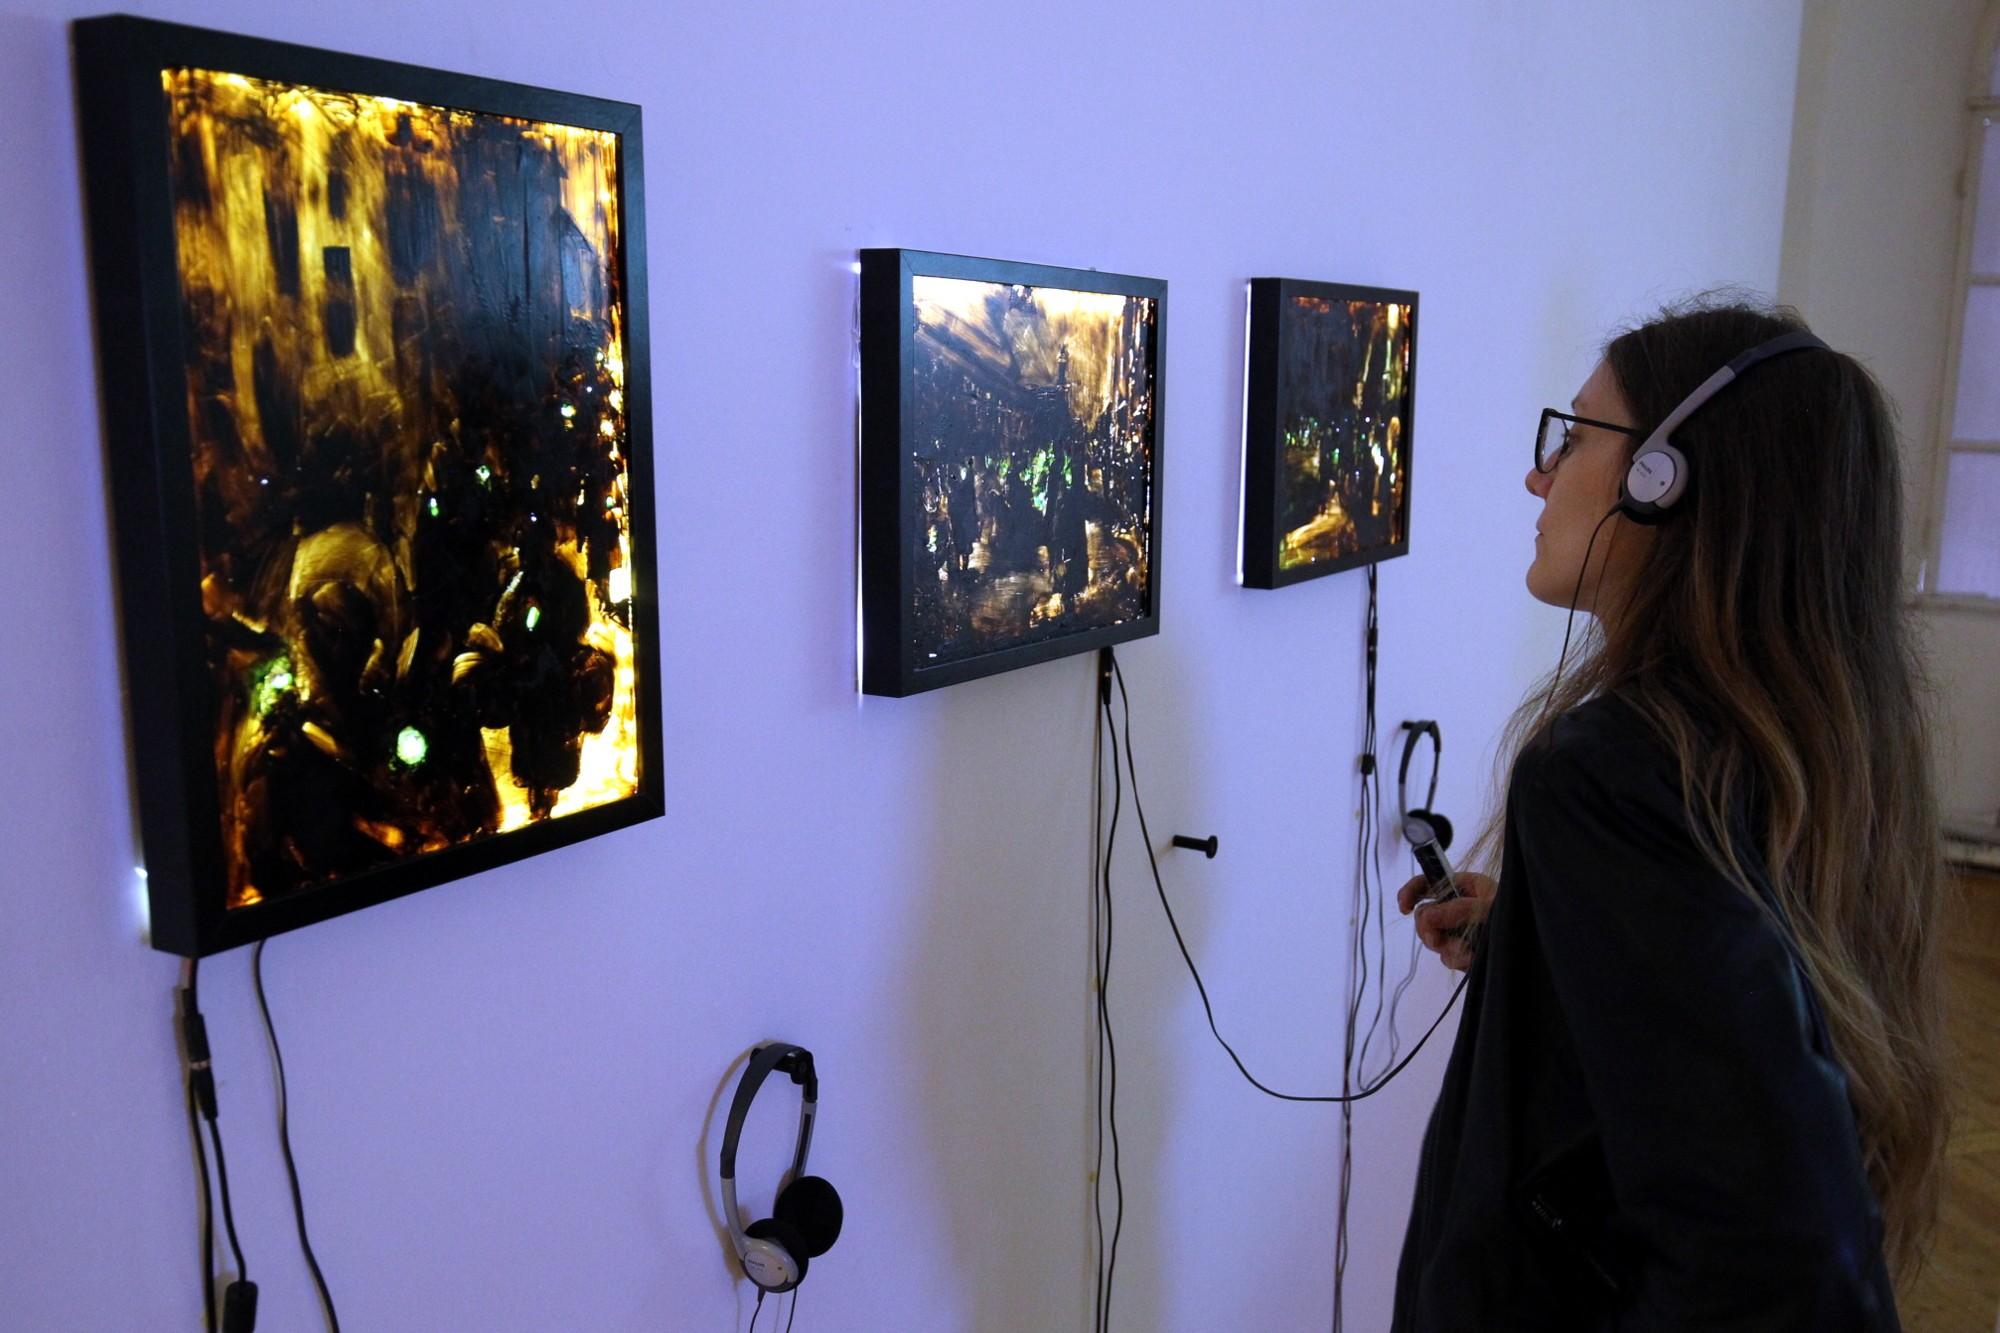 инсталляция чёрный свет выставка тихие голоса картины искусство музей